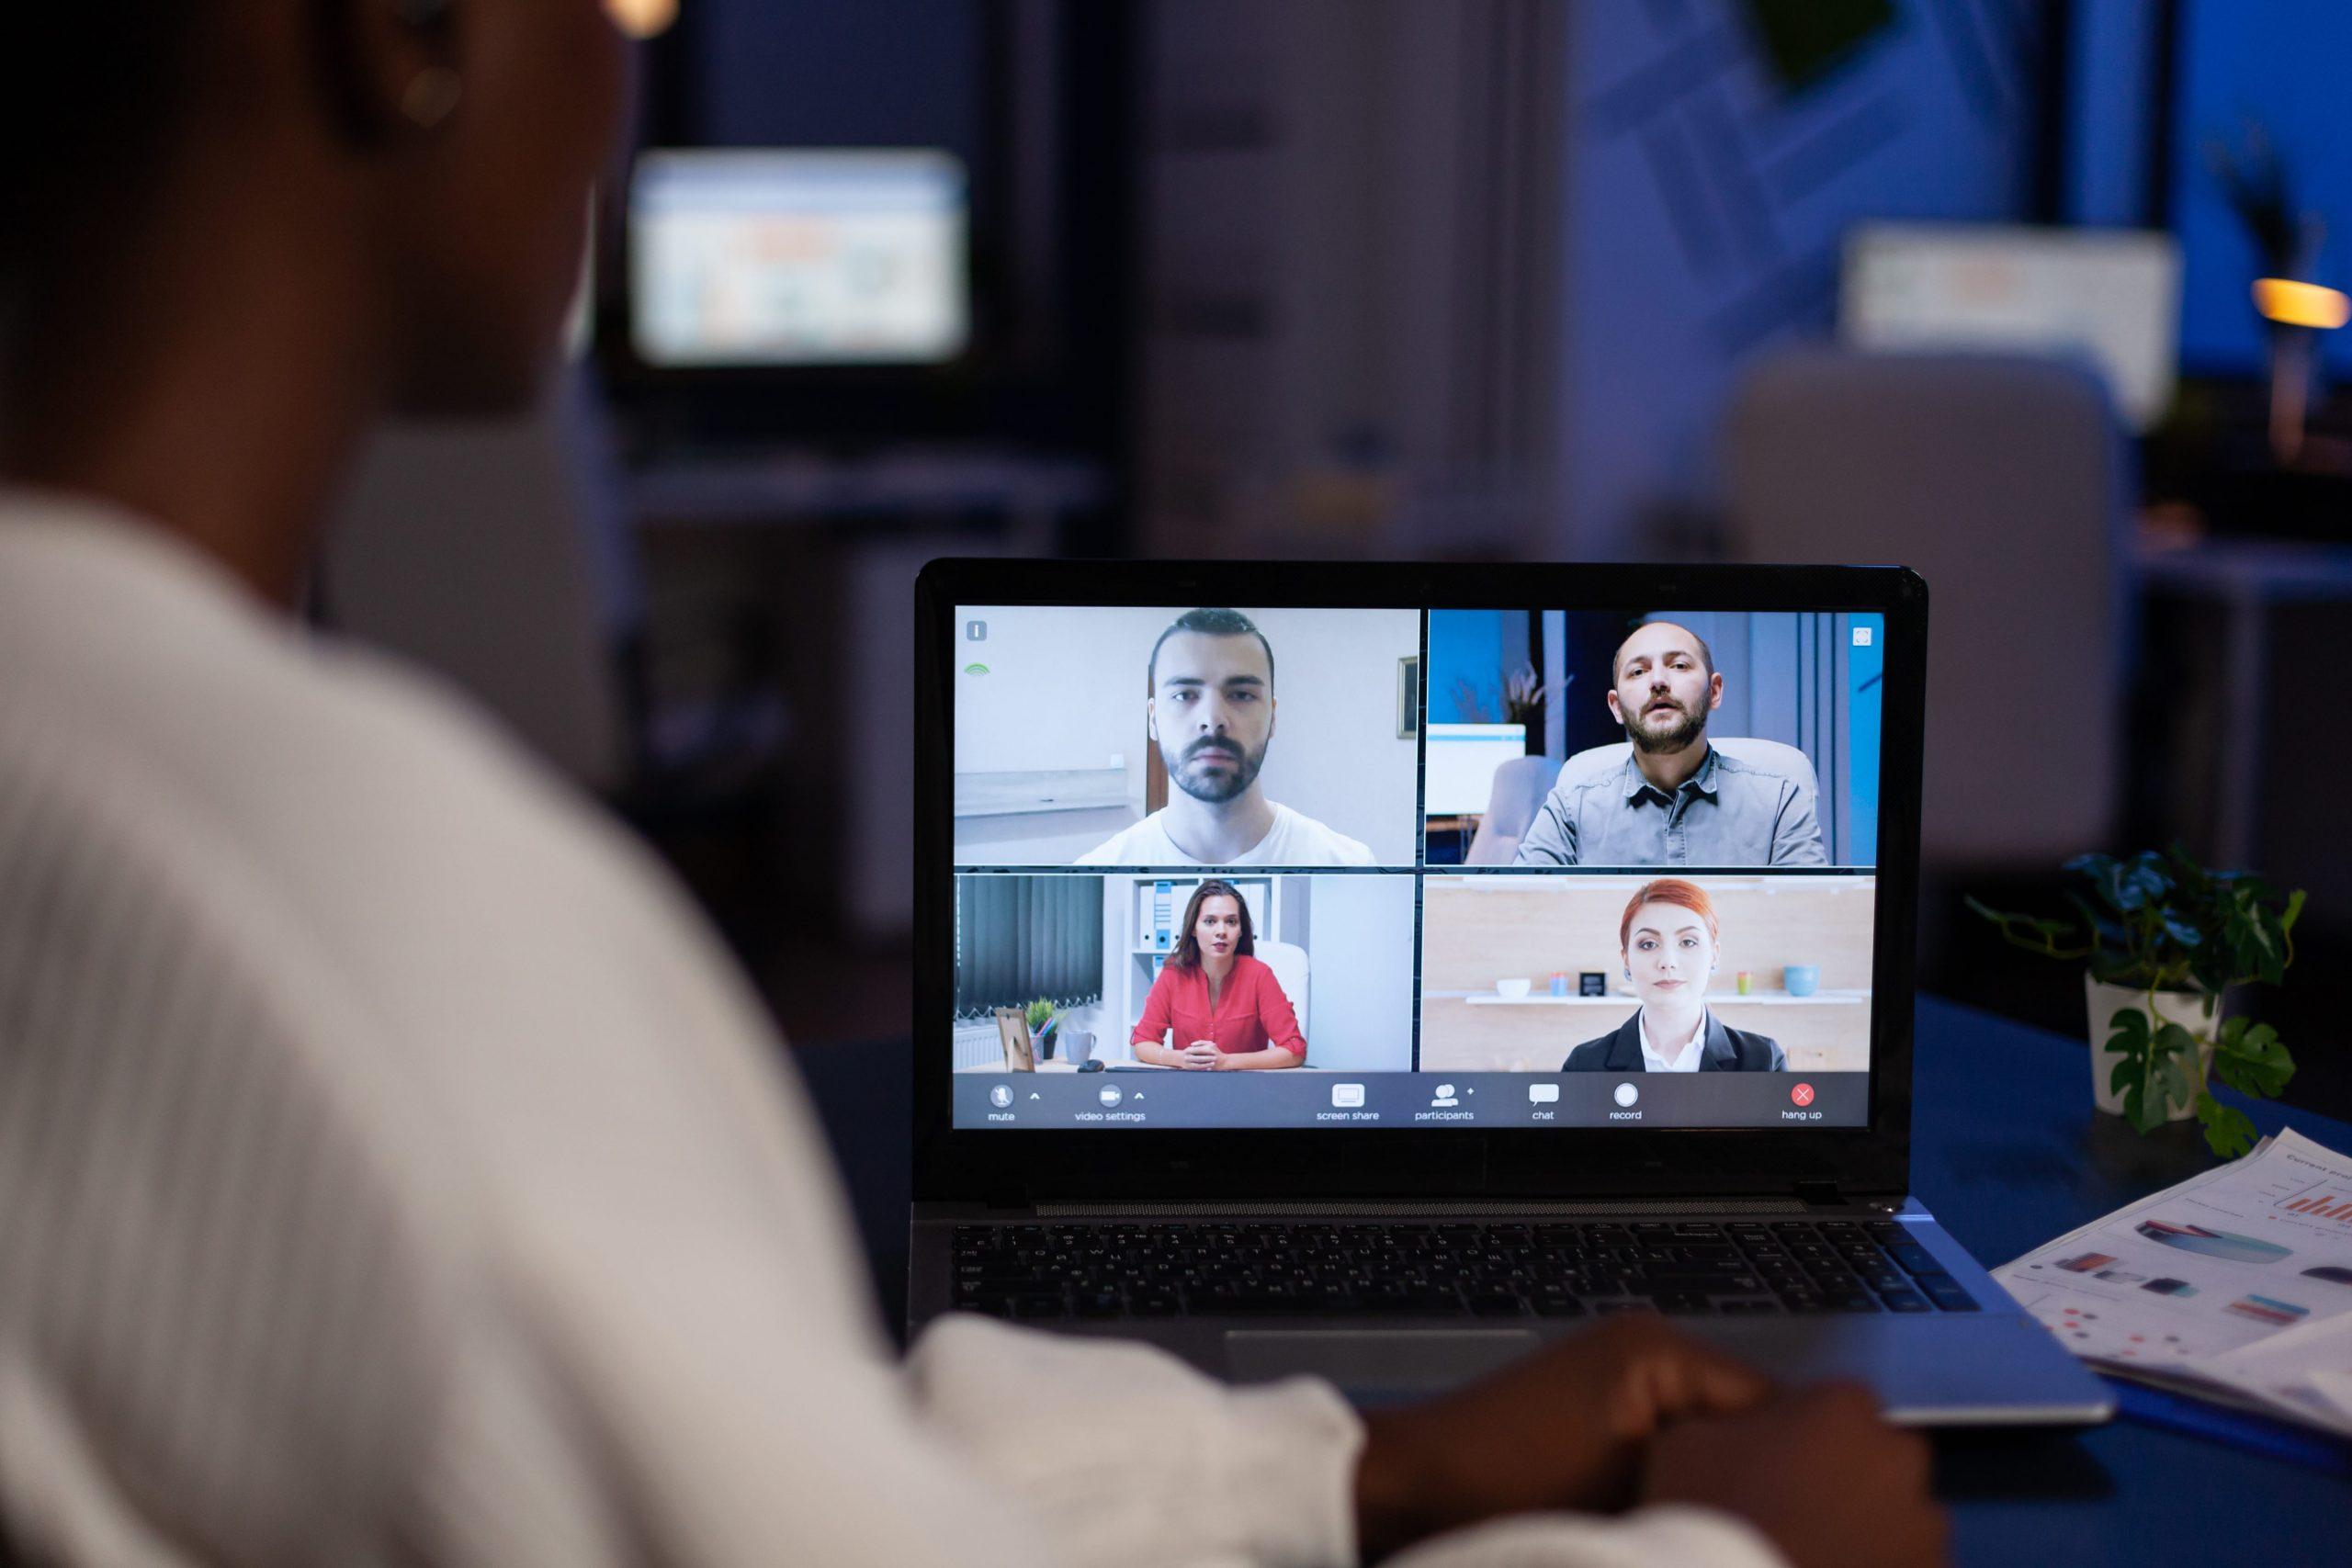 tecnologías de la información y comunicación en la vida cotidiana